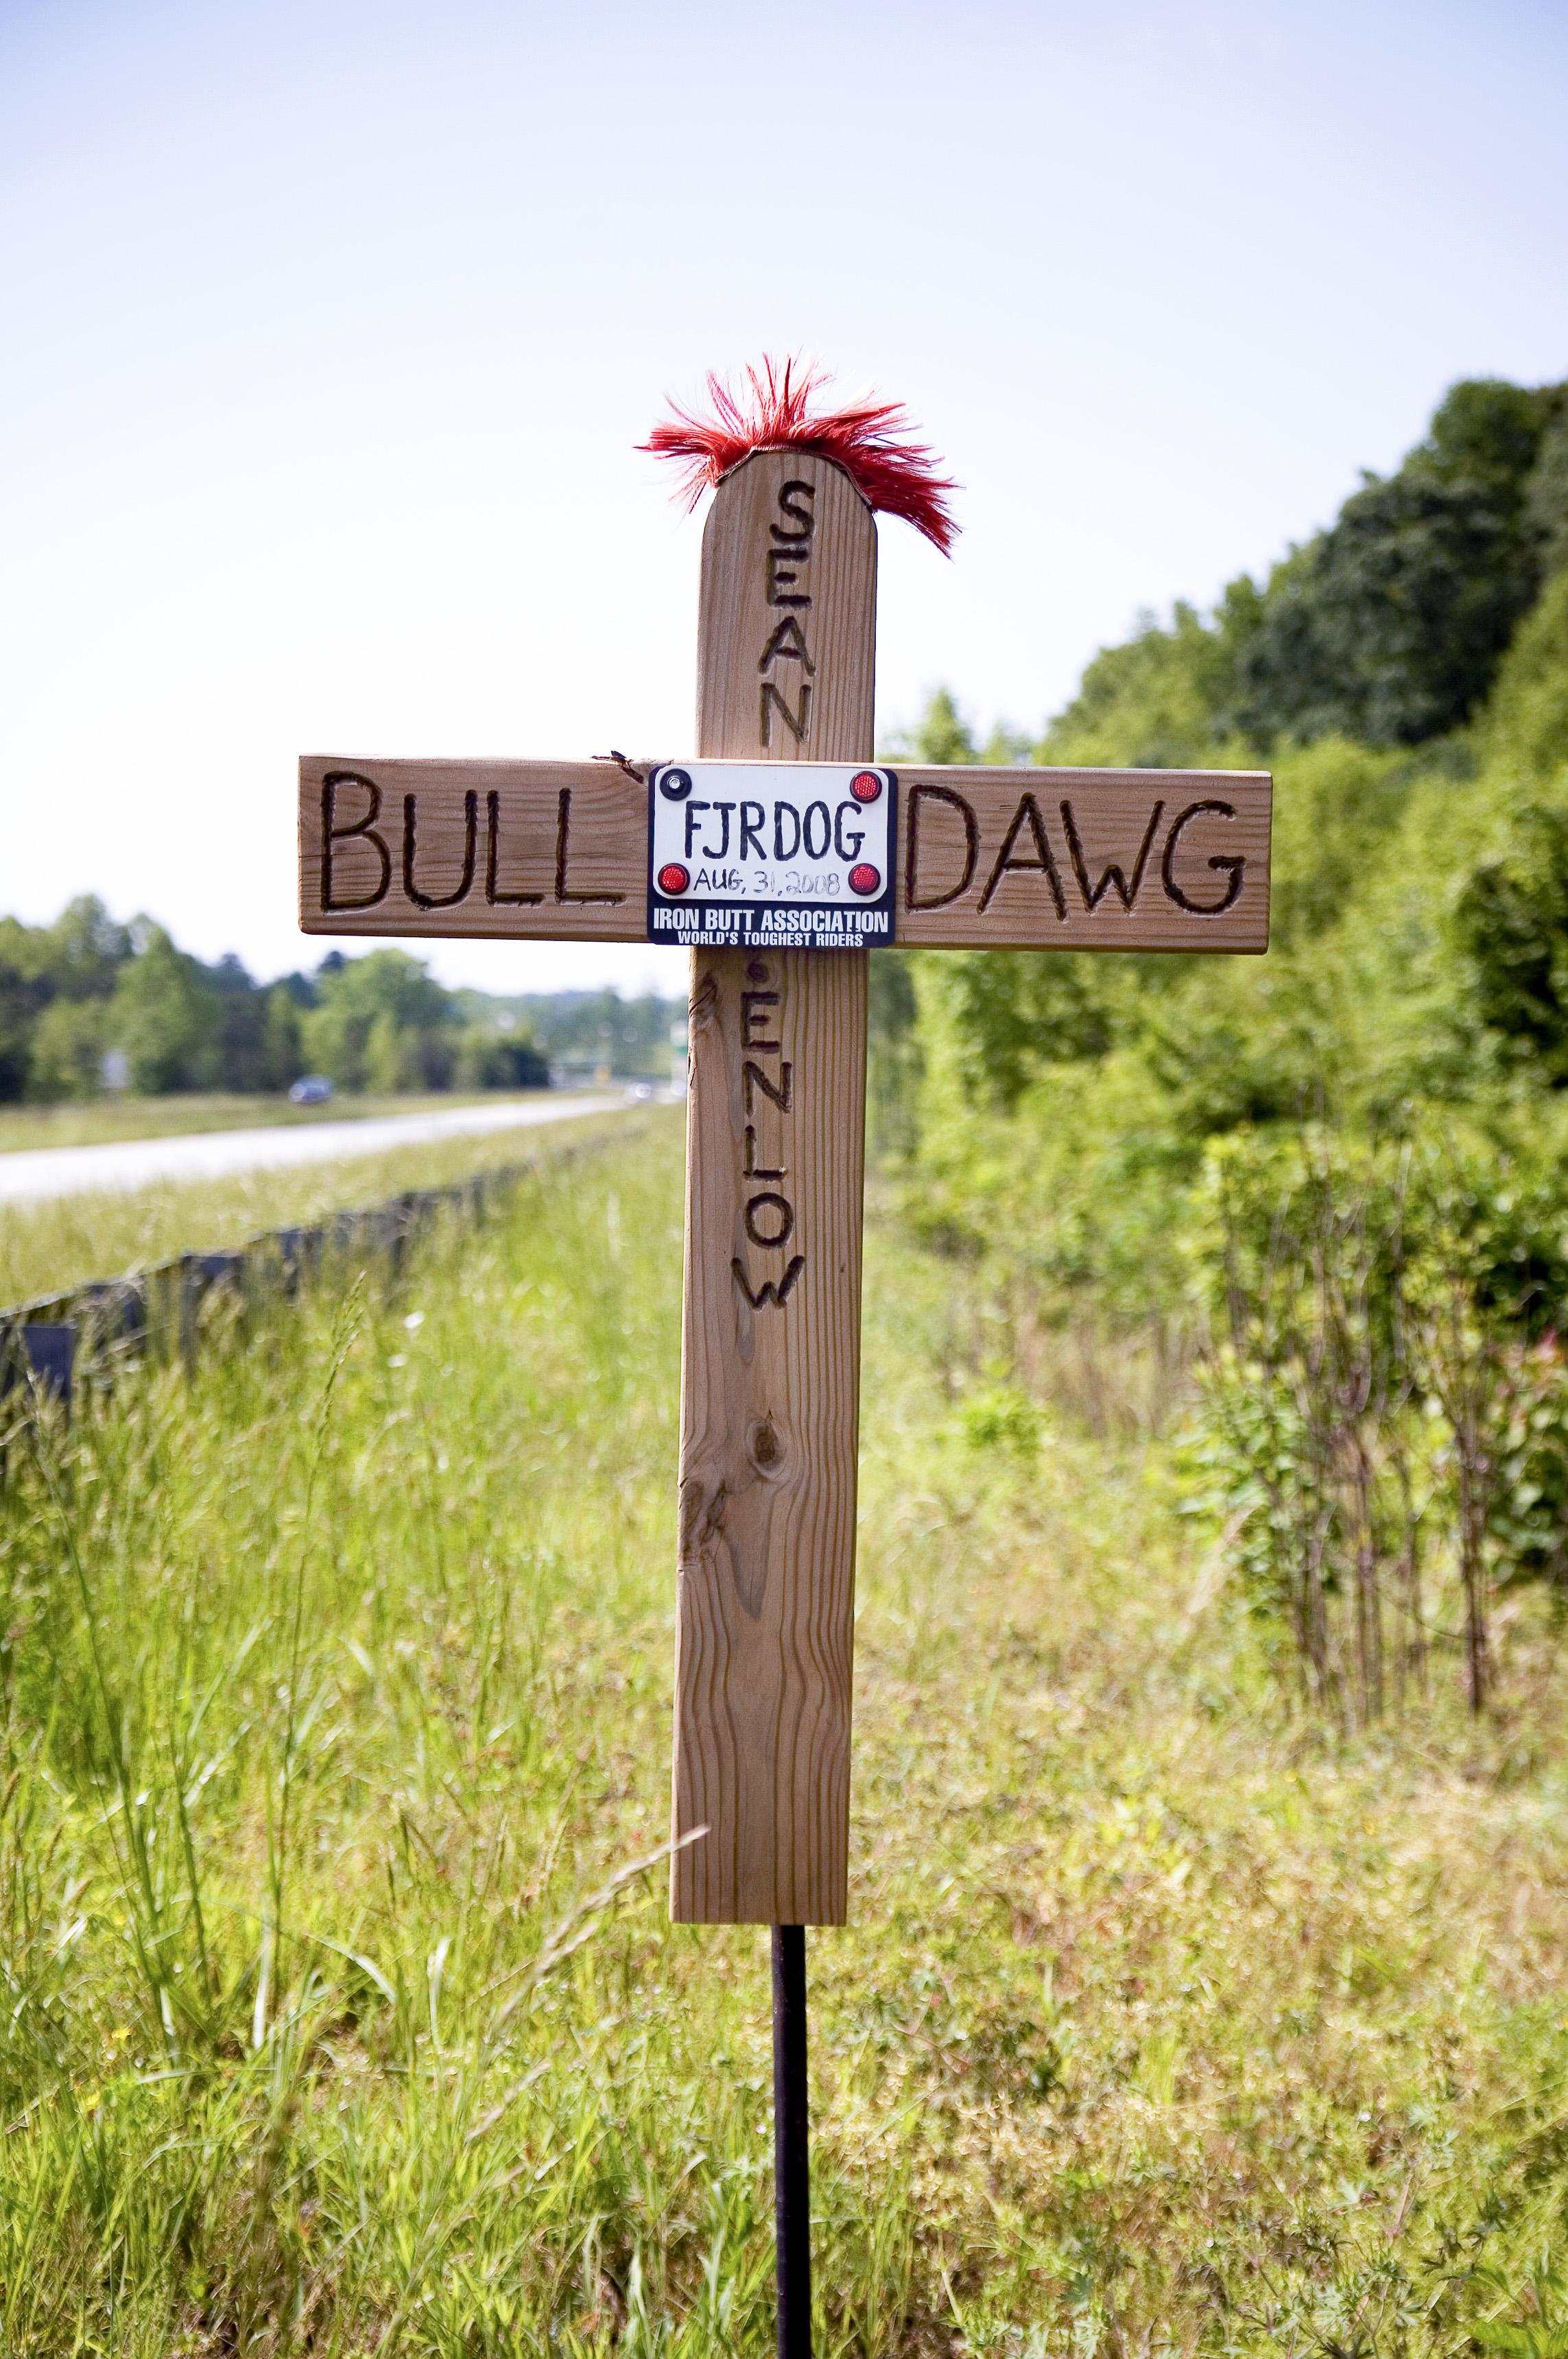 Bulldawg_GA2018Edit_1.jpg